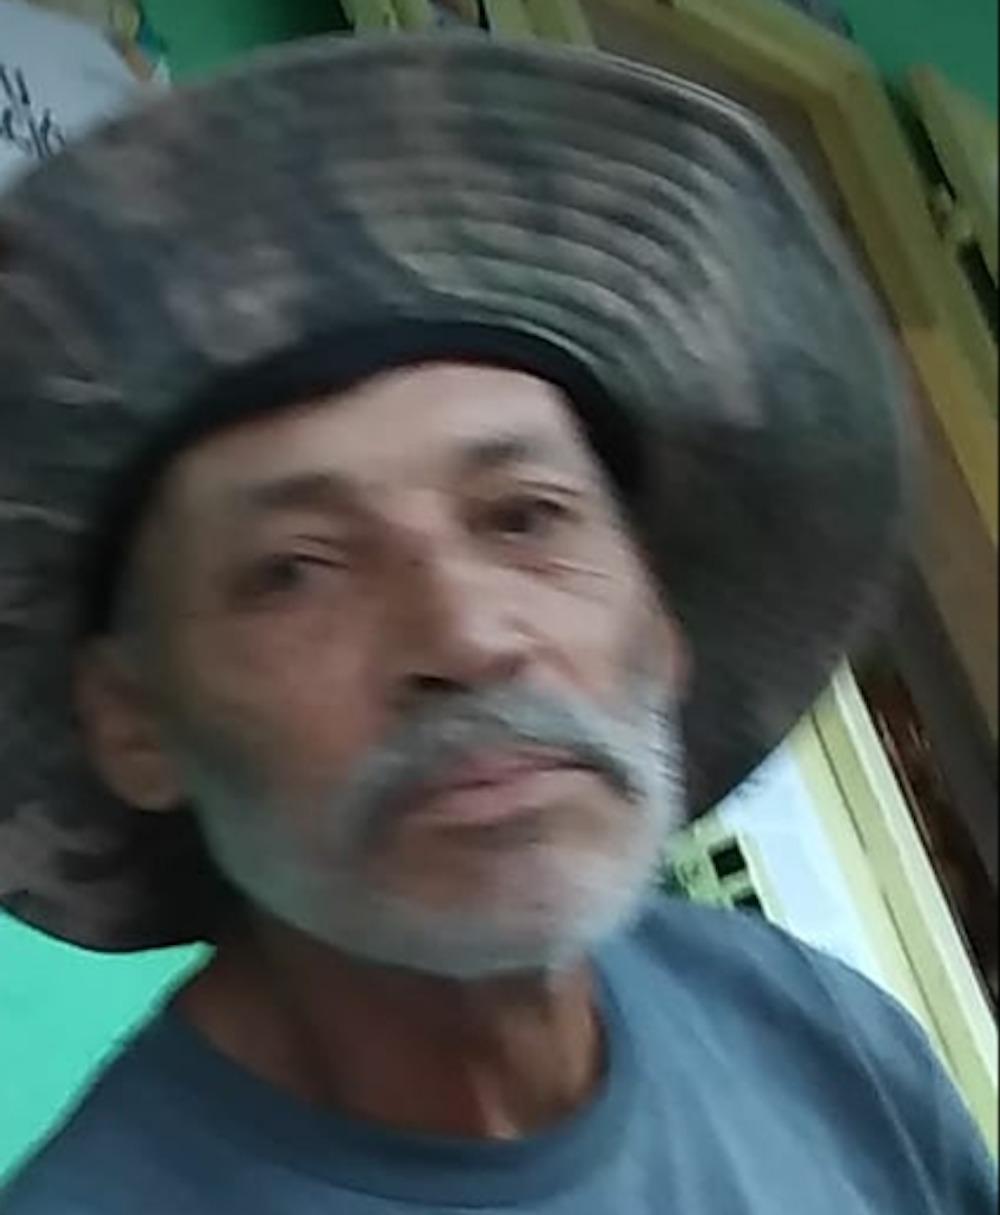 desaparecidocomerio01ins-f216aded31e83b6c11ec708cbbf56aba.jpg